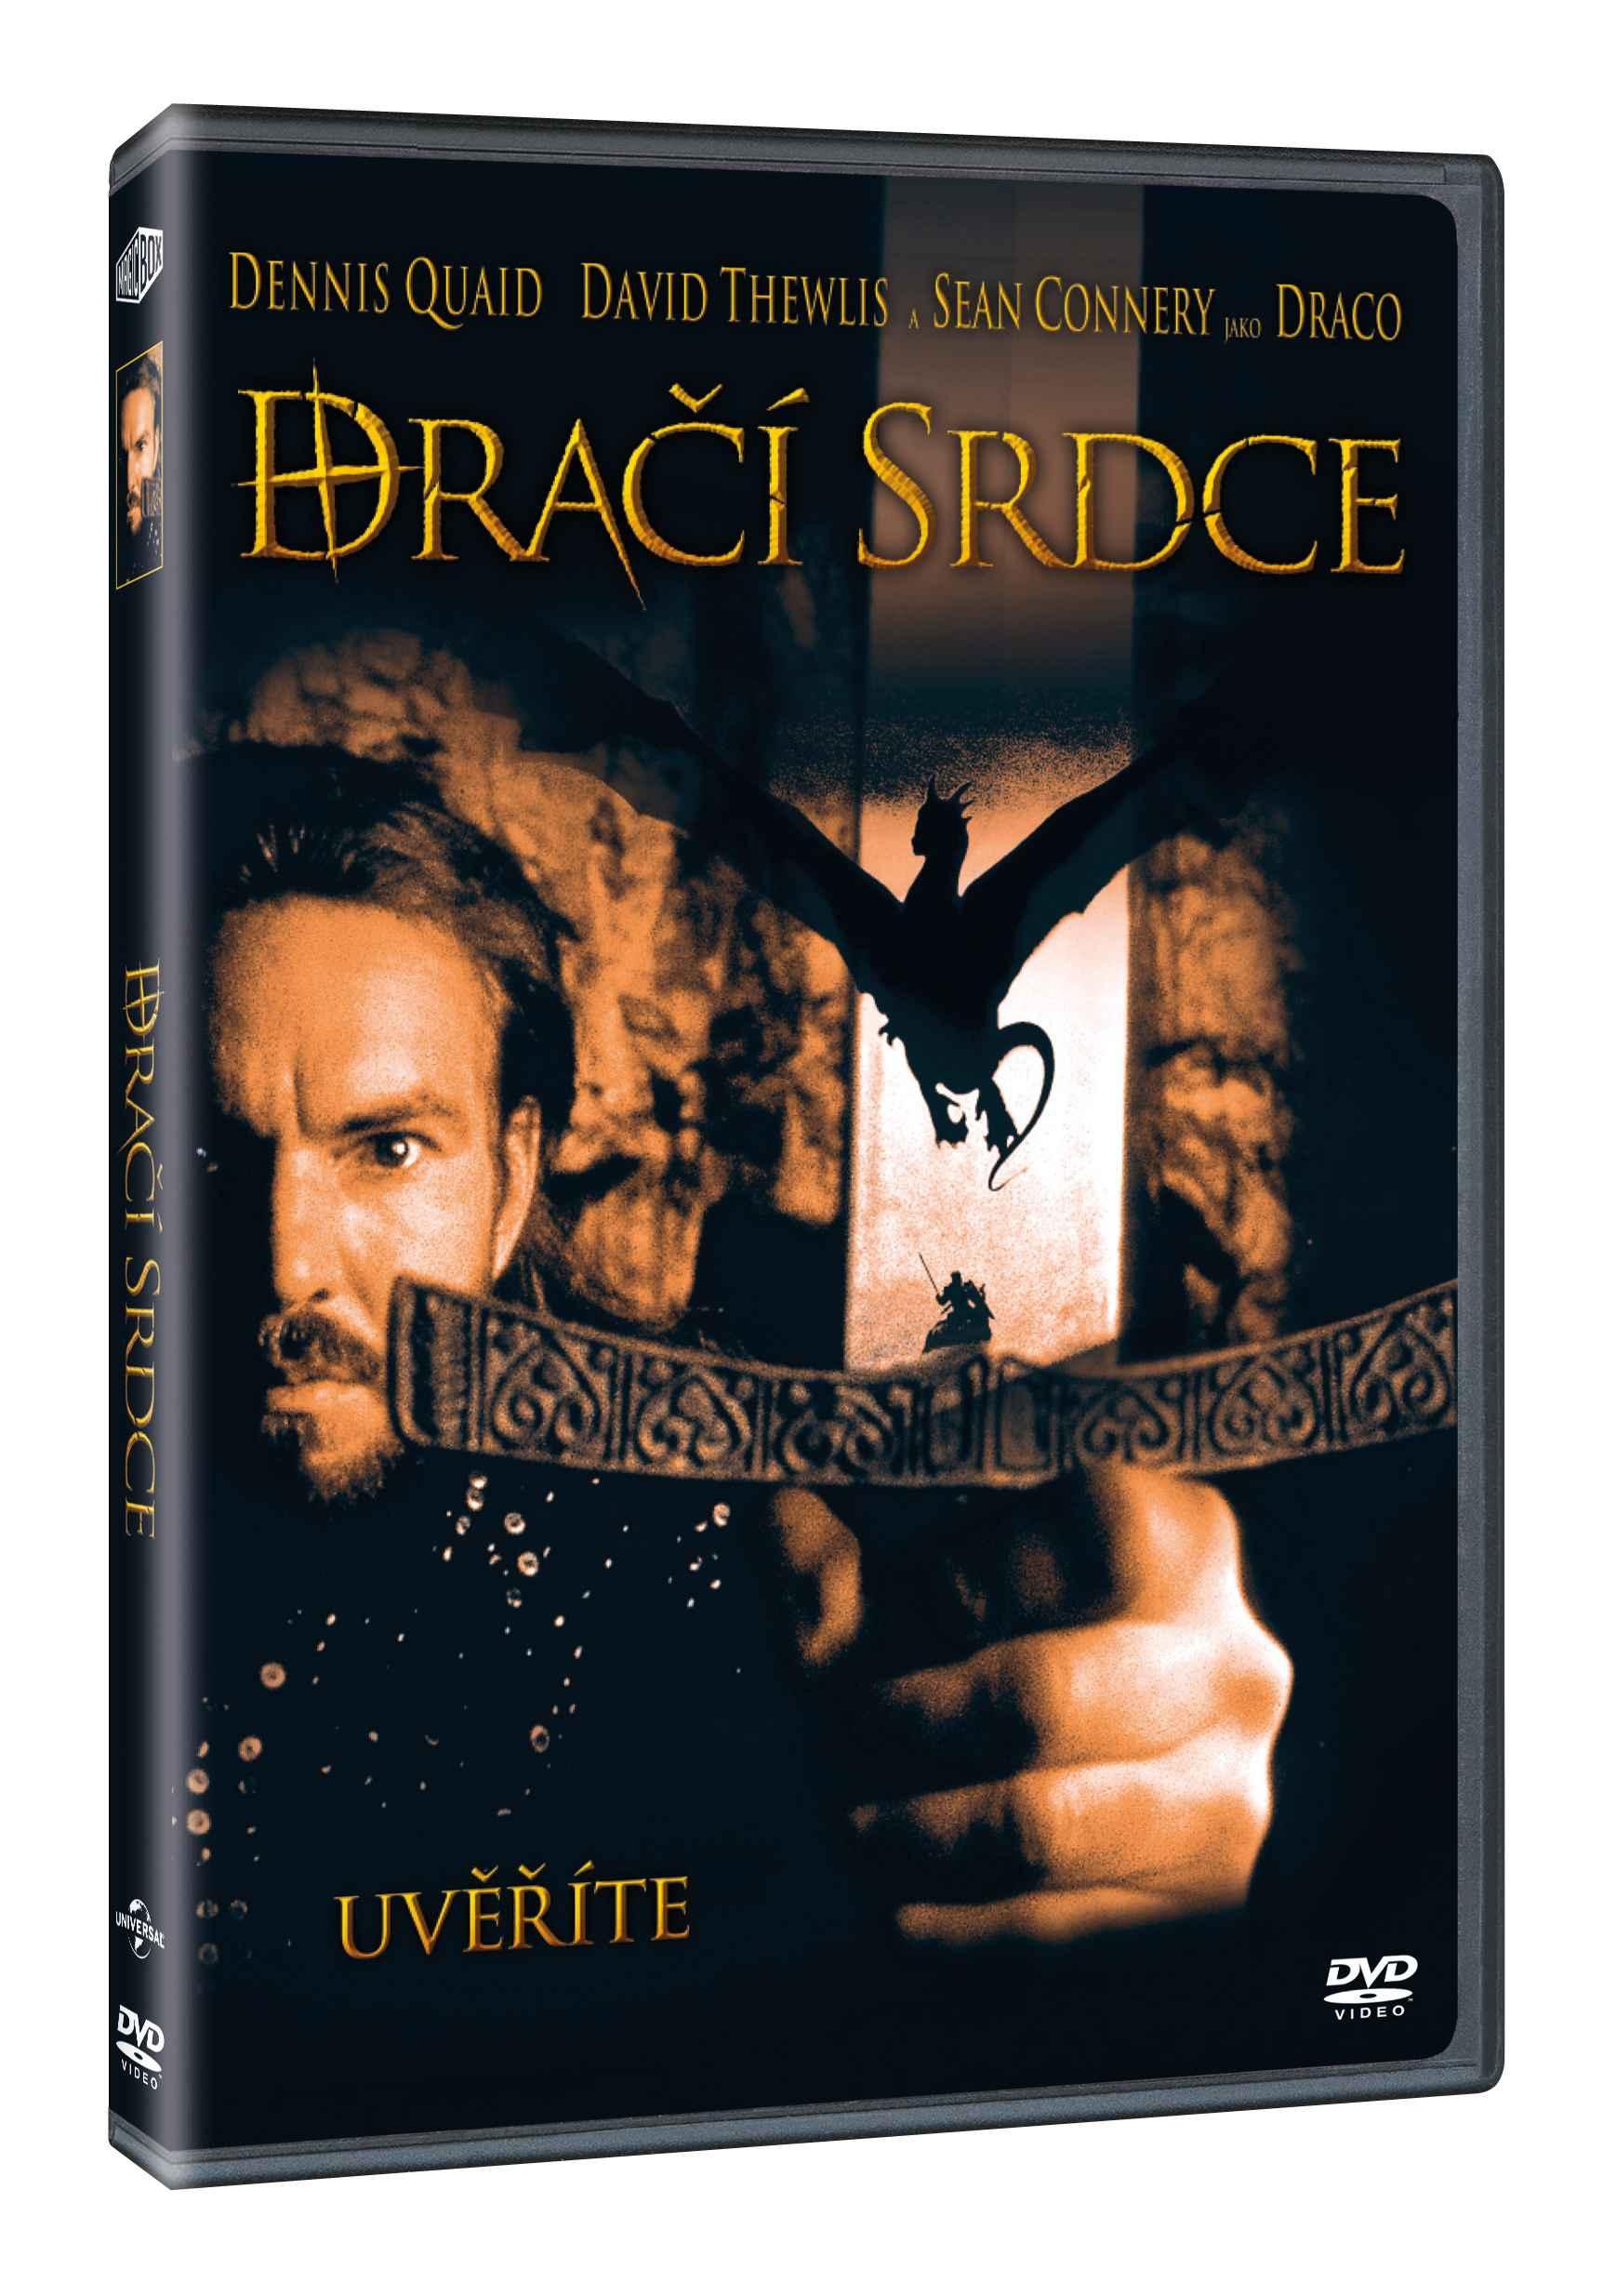 DRAČÍ SRDCE - DVD